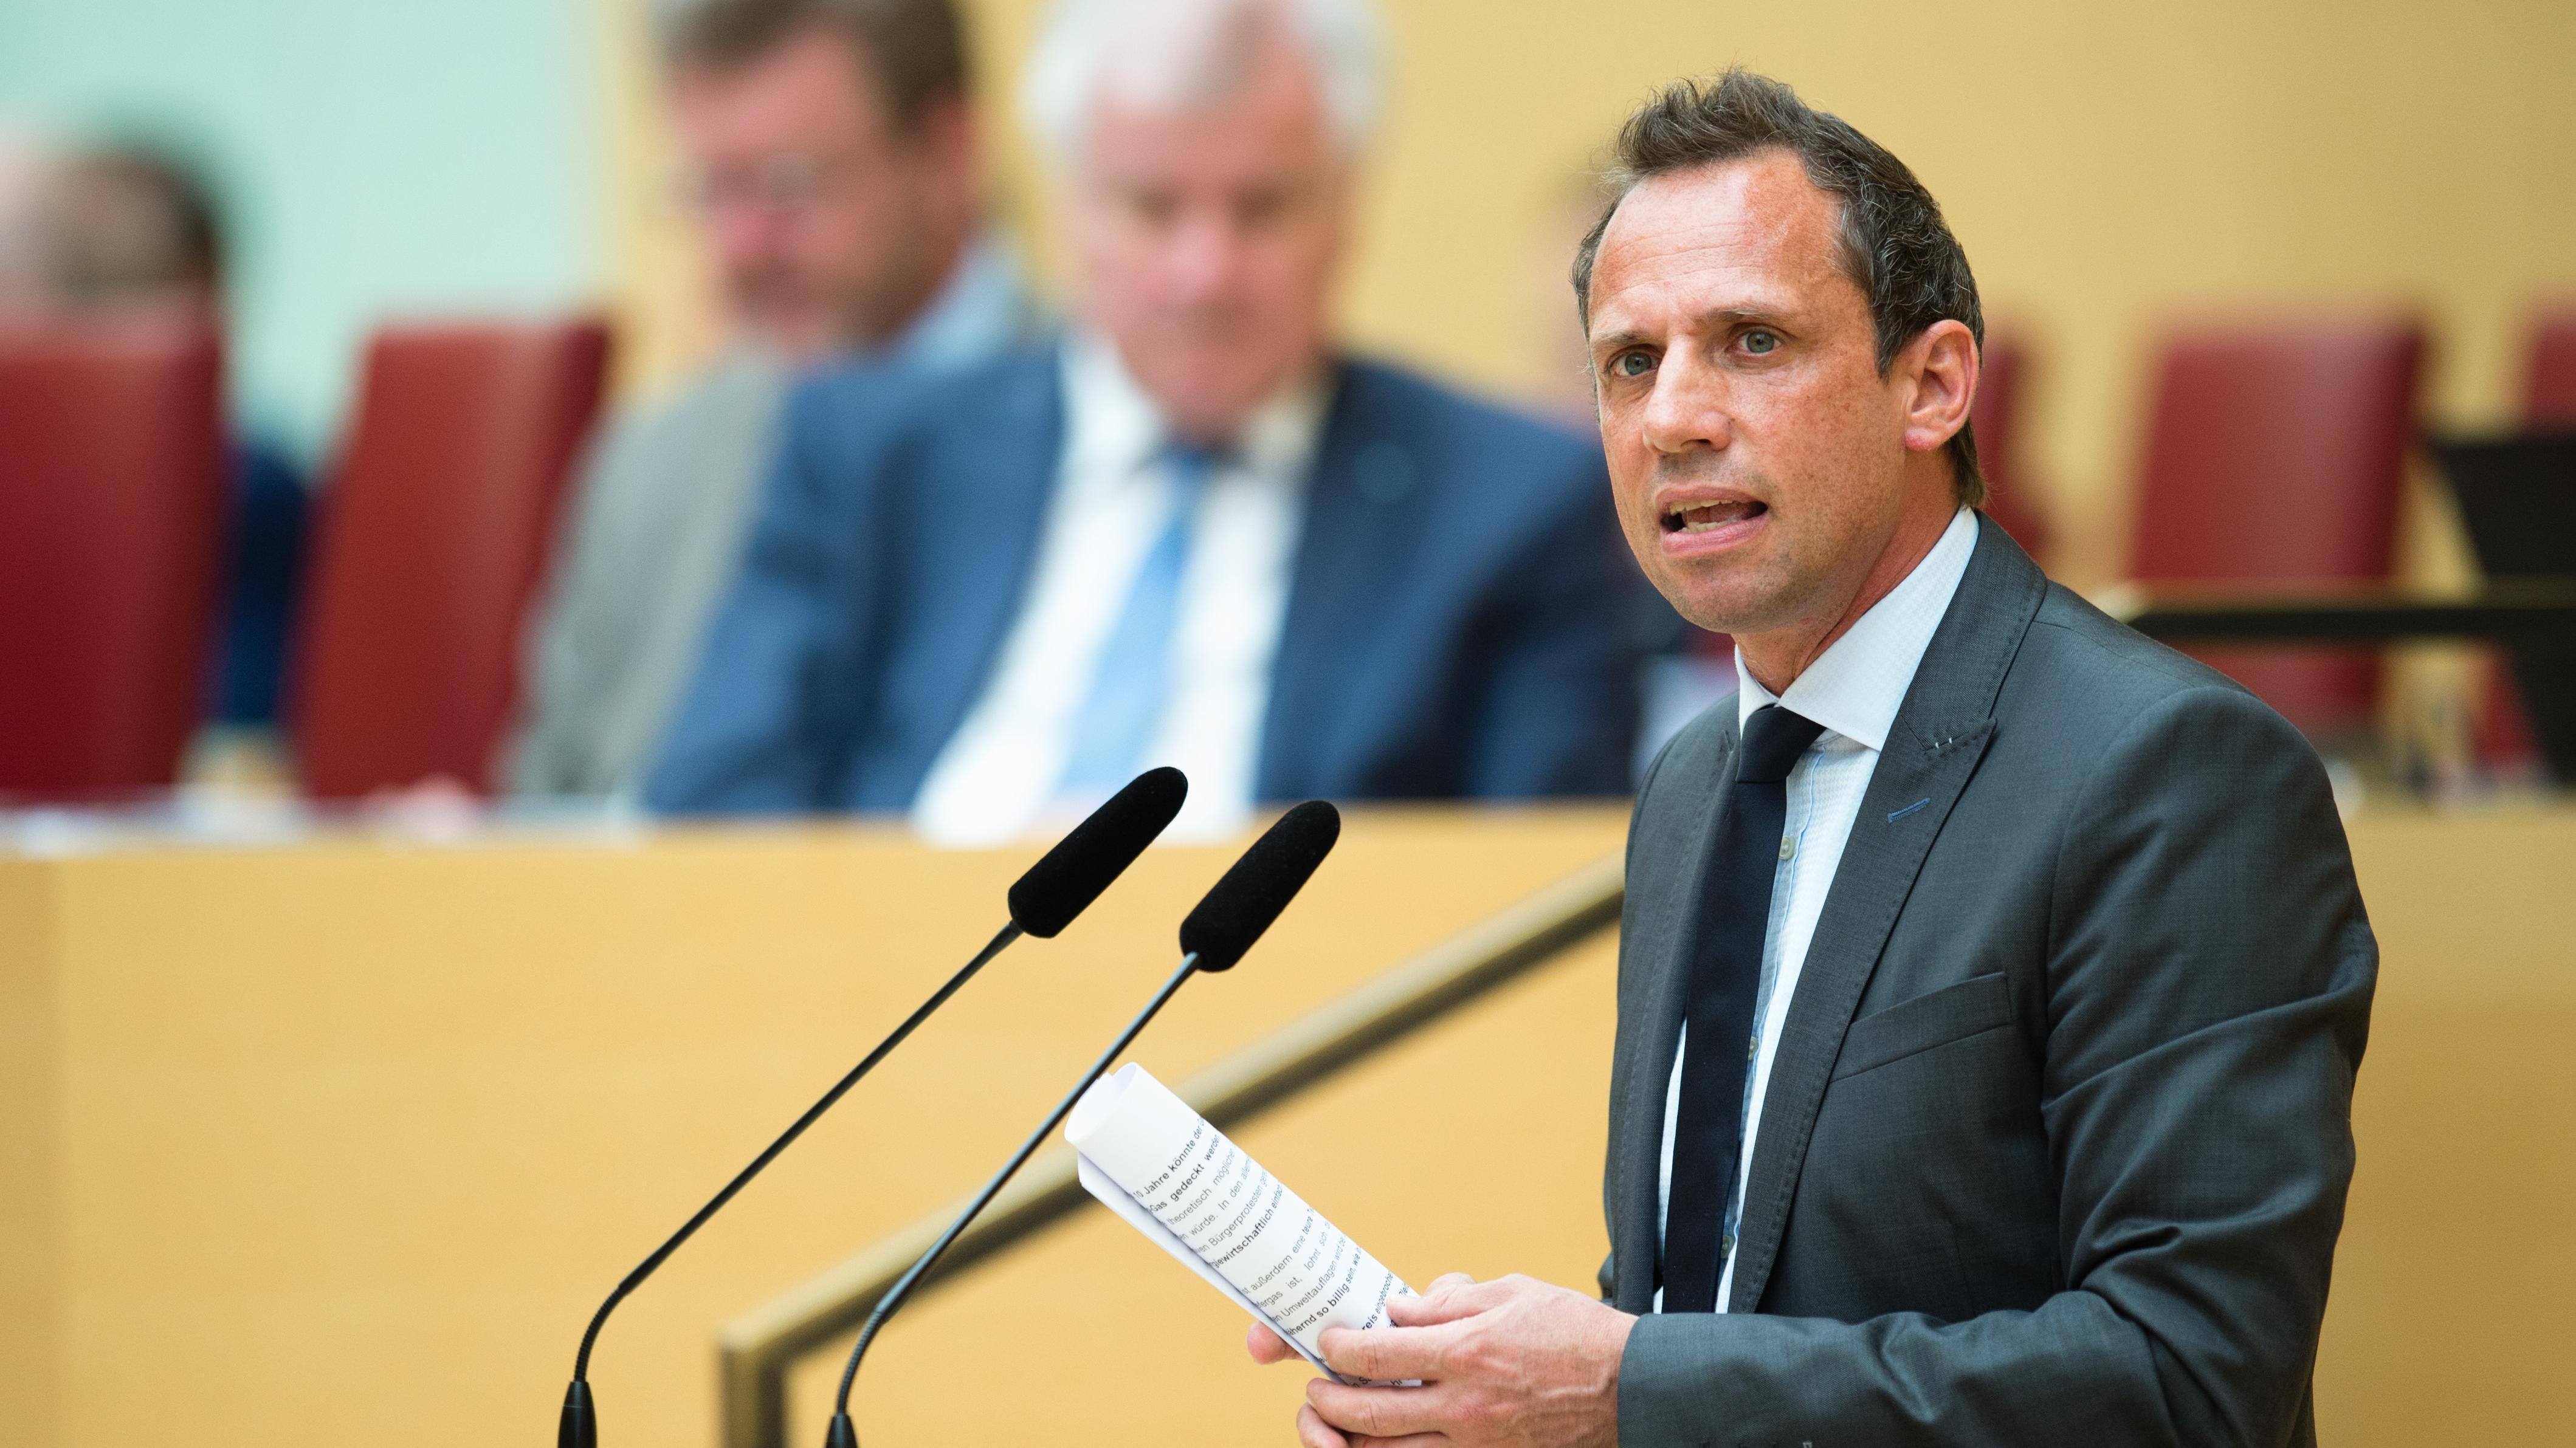 Thorsten Glauber hält eine Rede im Bayerischen Landtag. Im Hintergrund ist Horst Seehofer zu erkennen.